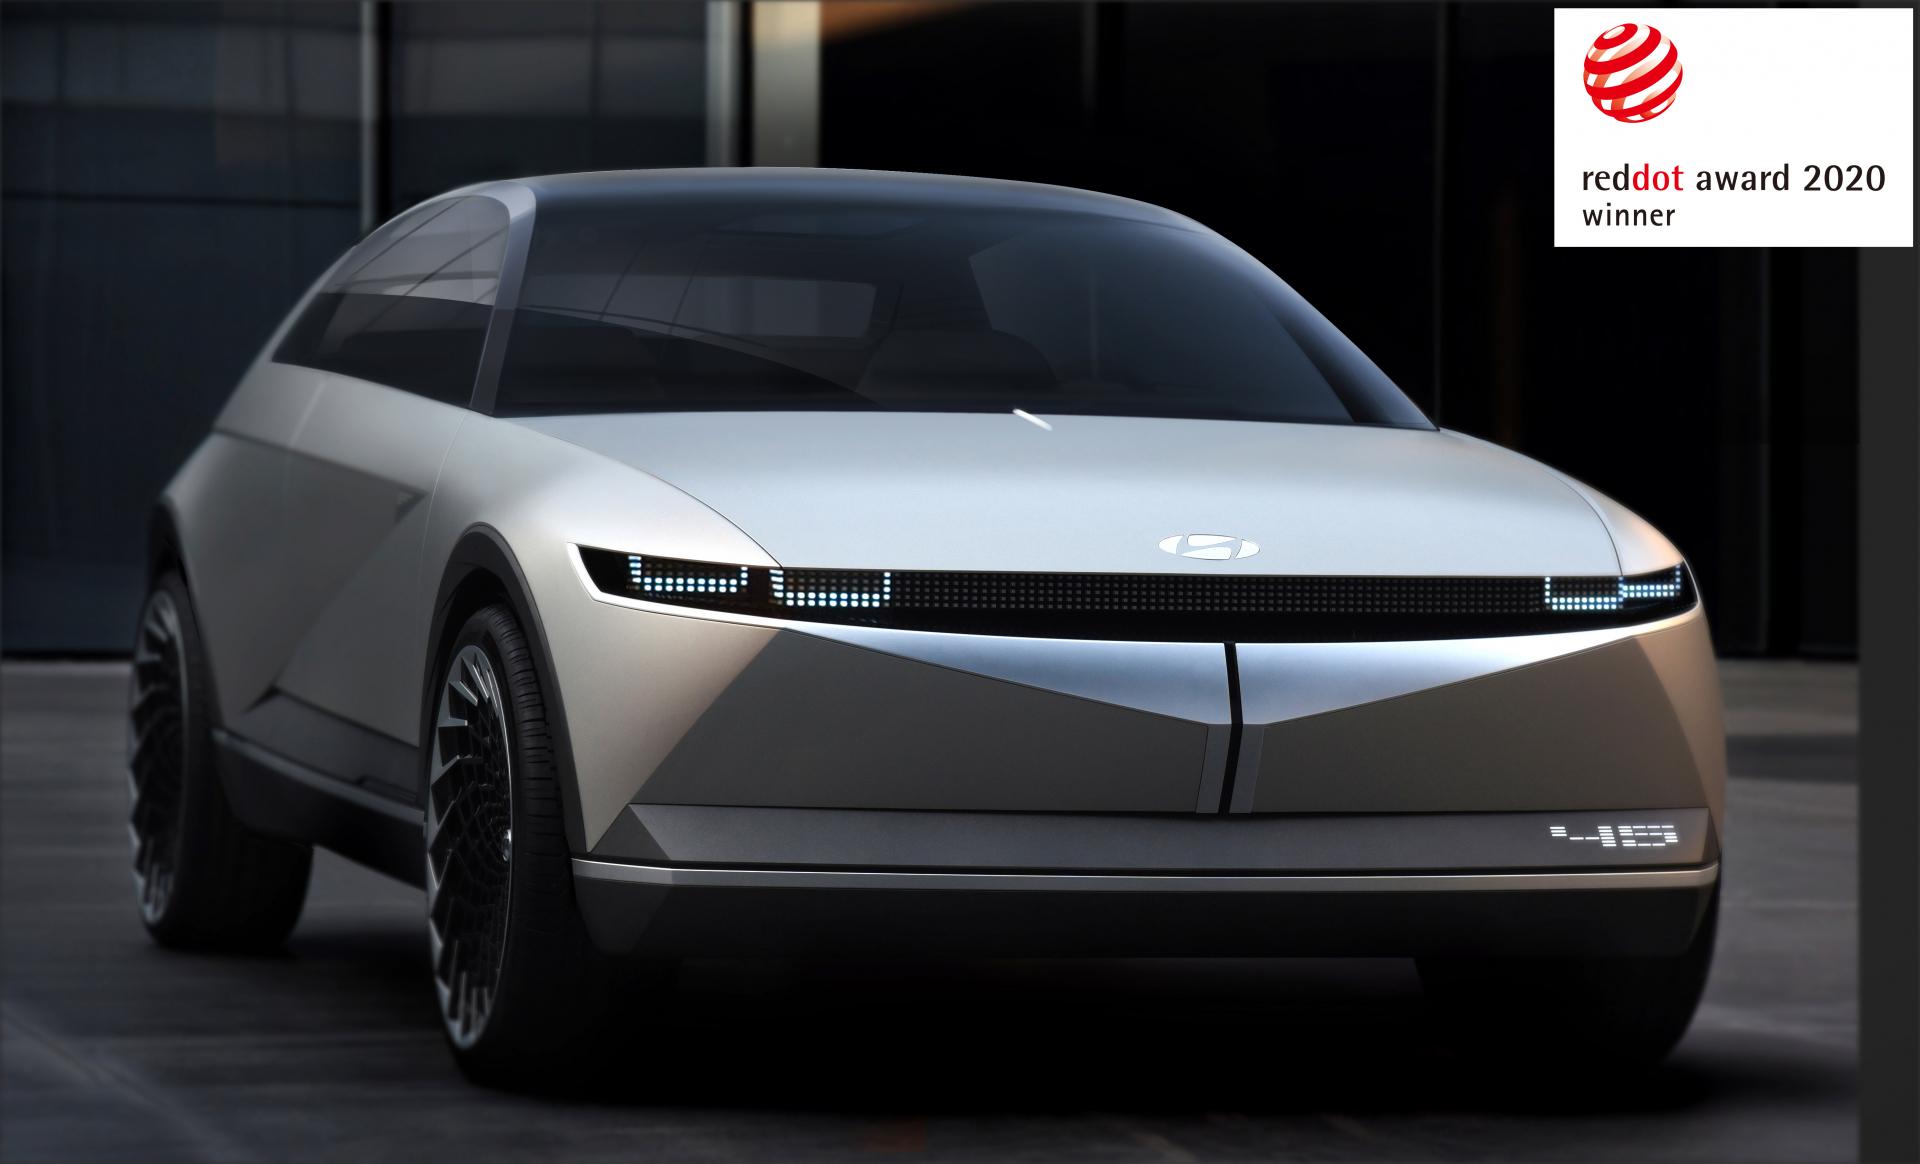 Компанія Hyundai Motor отримала три нагороди Red Dot Award 2020 за концептуальний дизайн | Фрунзе-Авто - фото 9